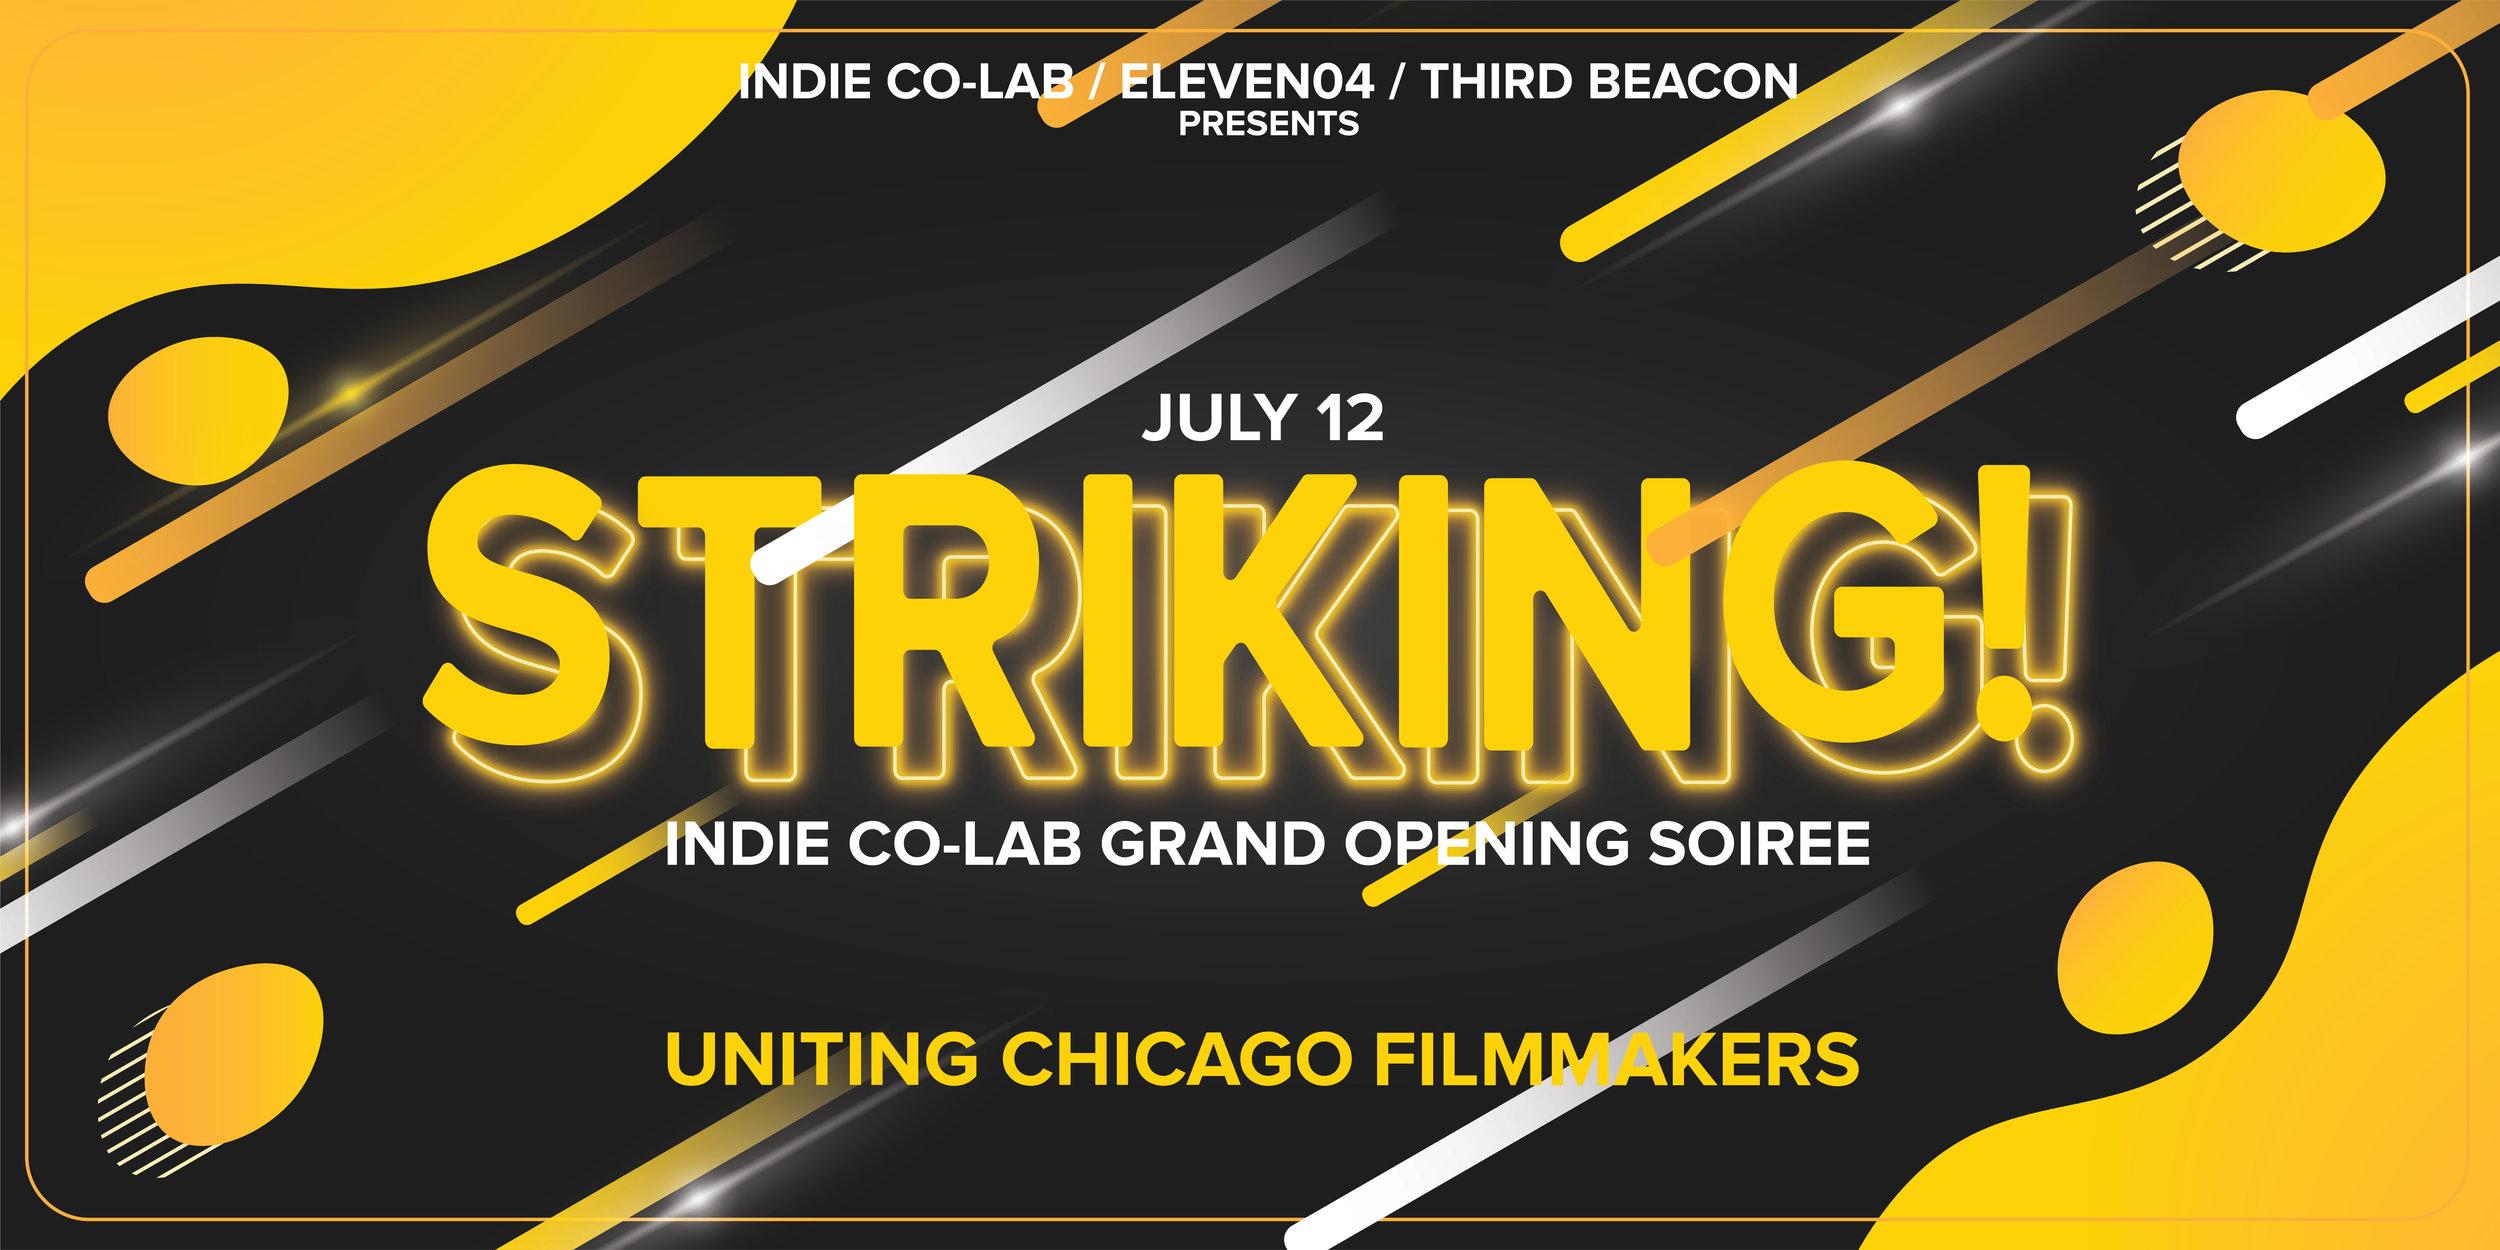 Striking! Poster_Eventbrite (2).jpg